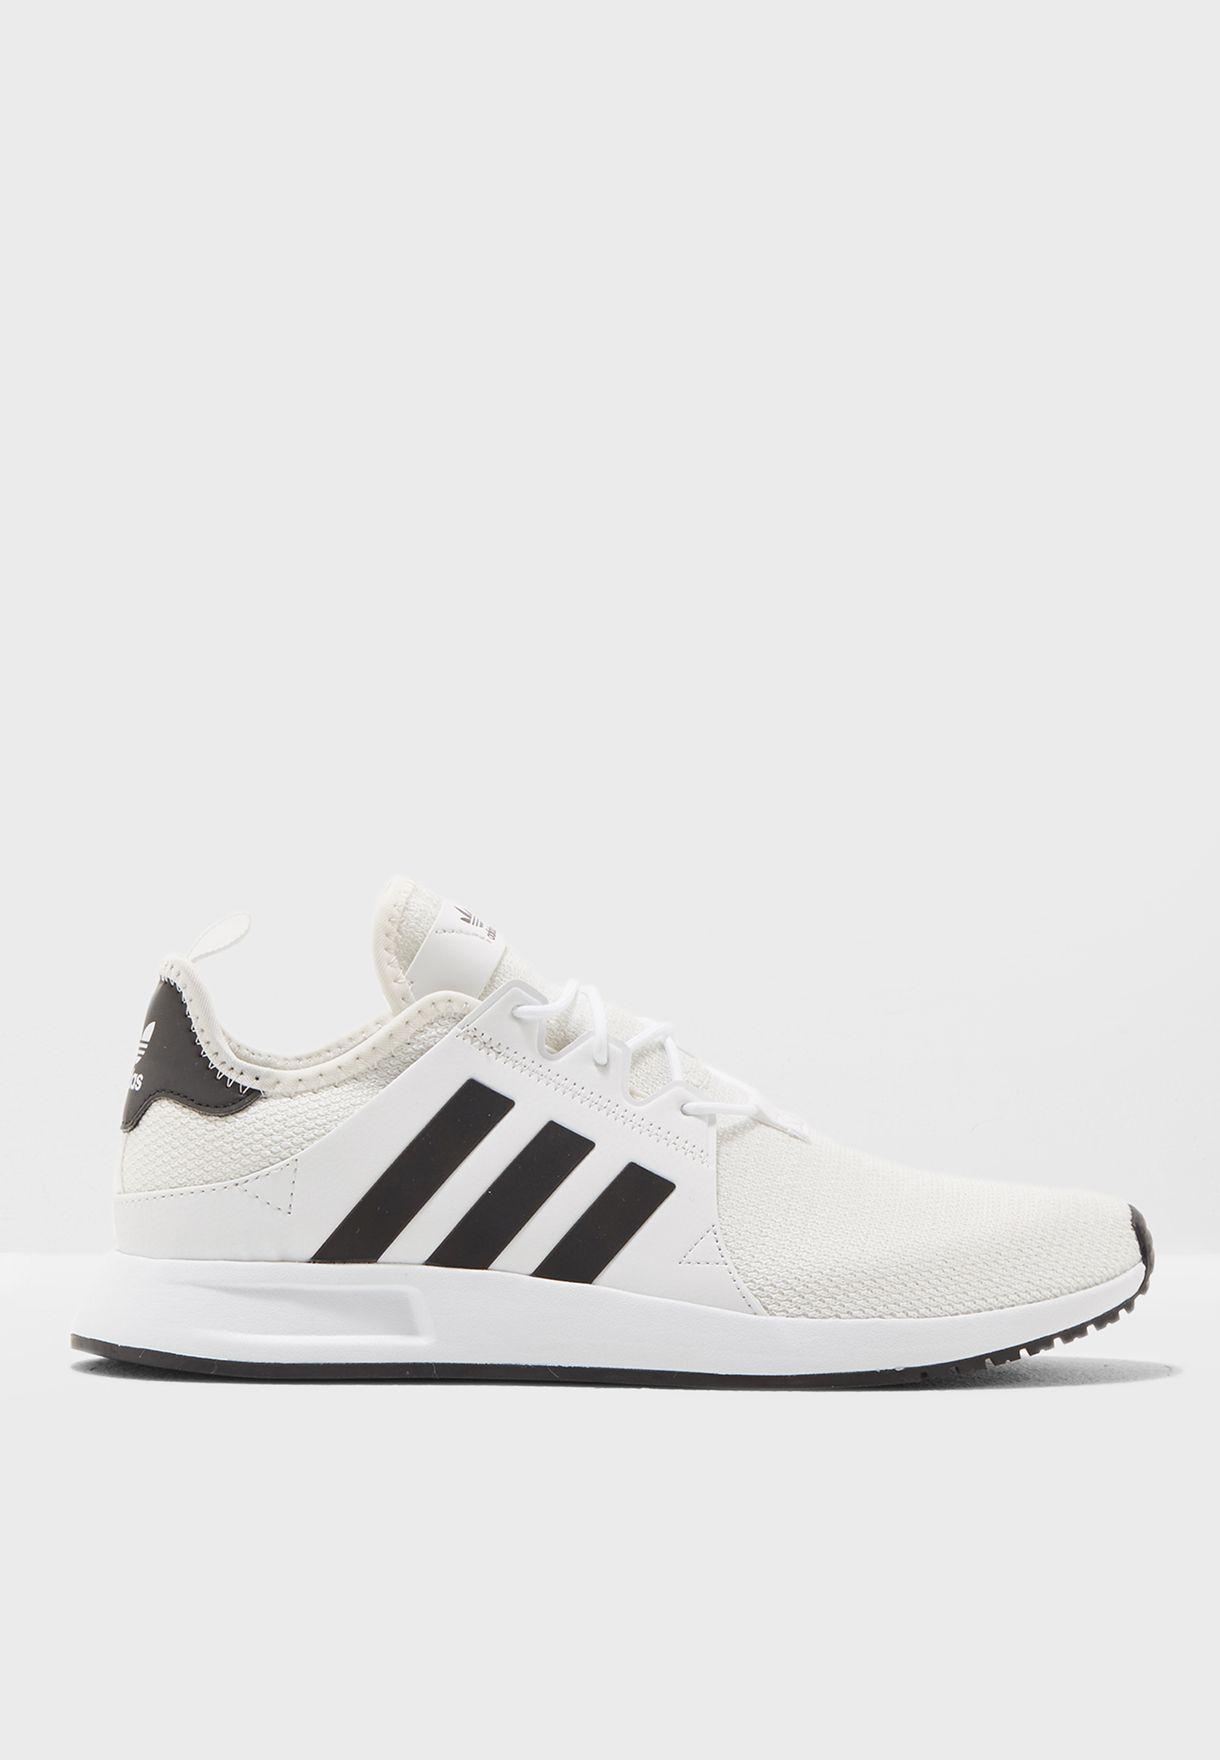 Negozio adidas originali white x a infrarossi per gli uomini ad478sh34eqb cq2406 eau